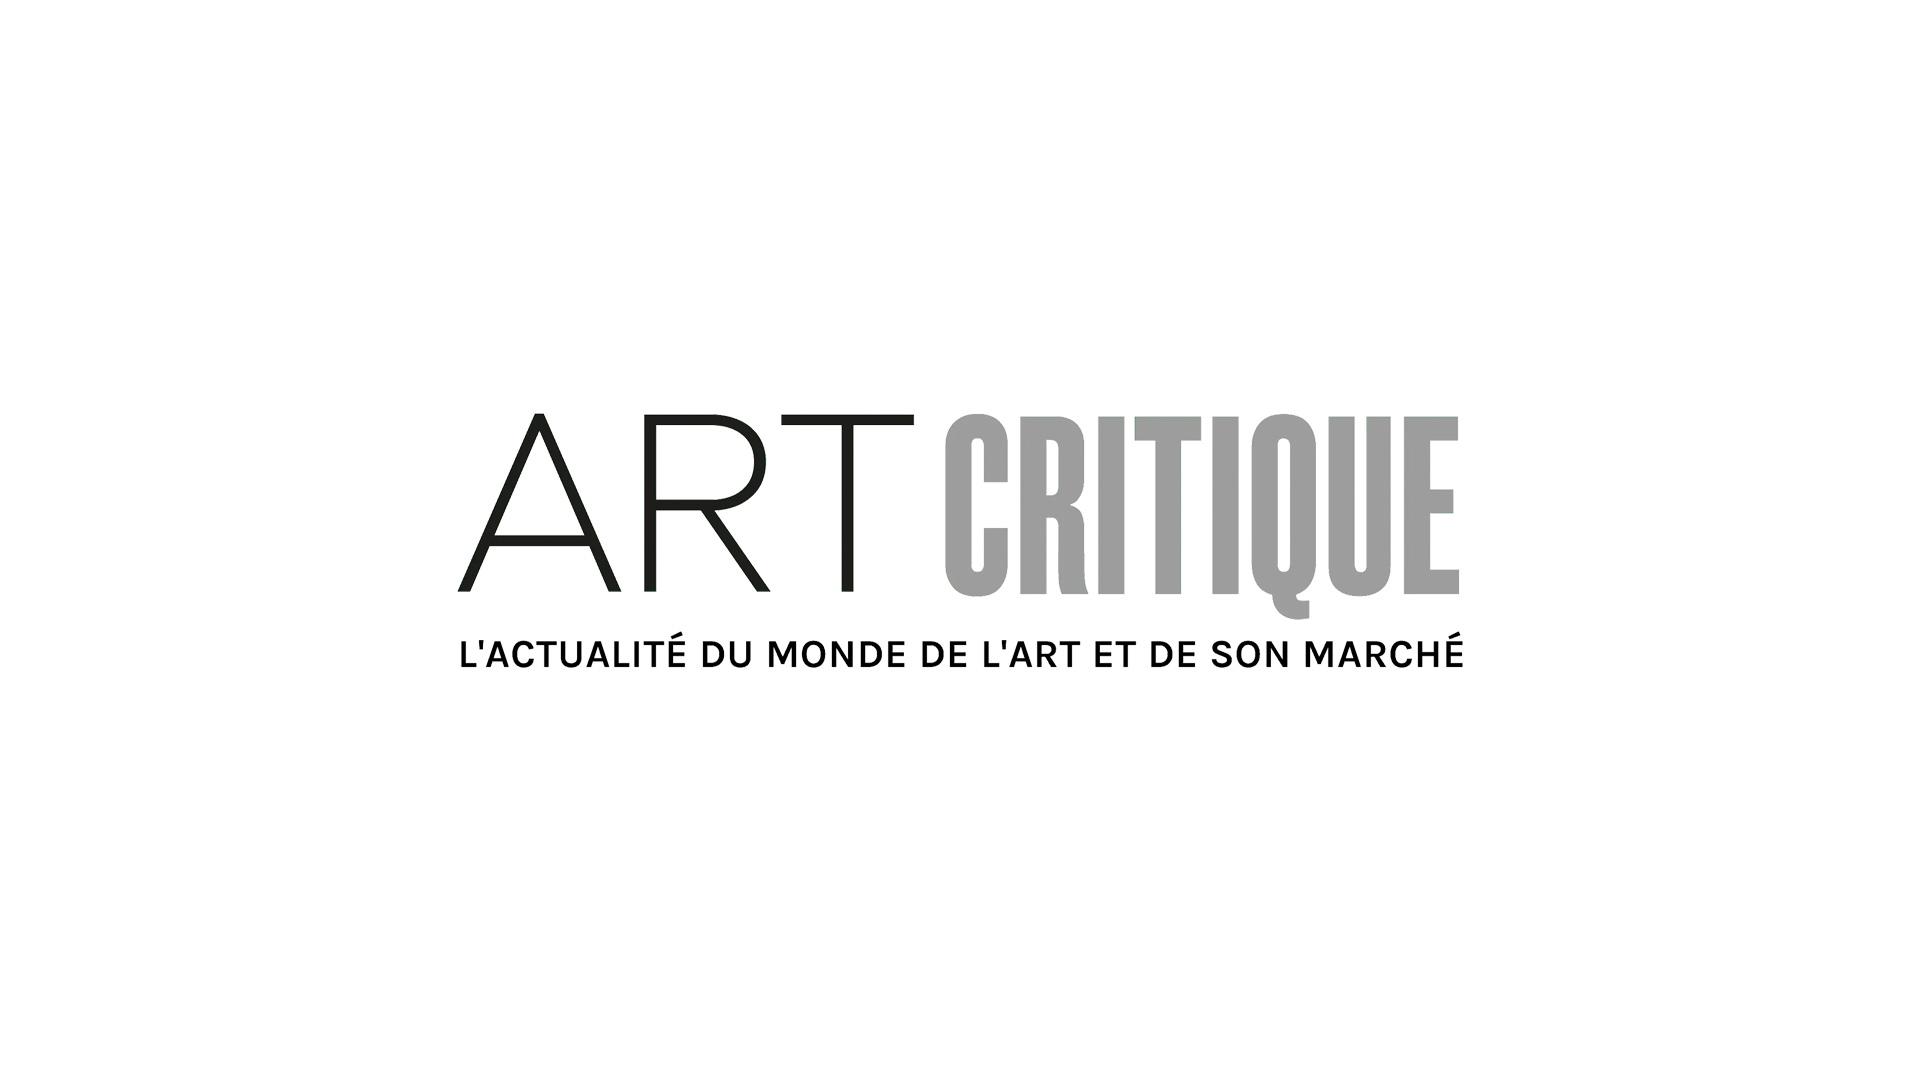 Monique Frydman, peindre et écrire